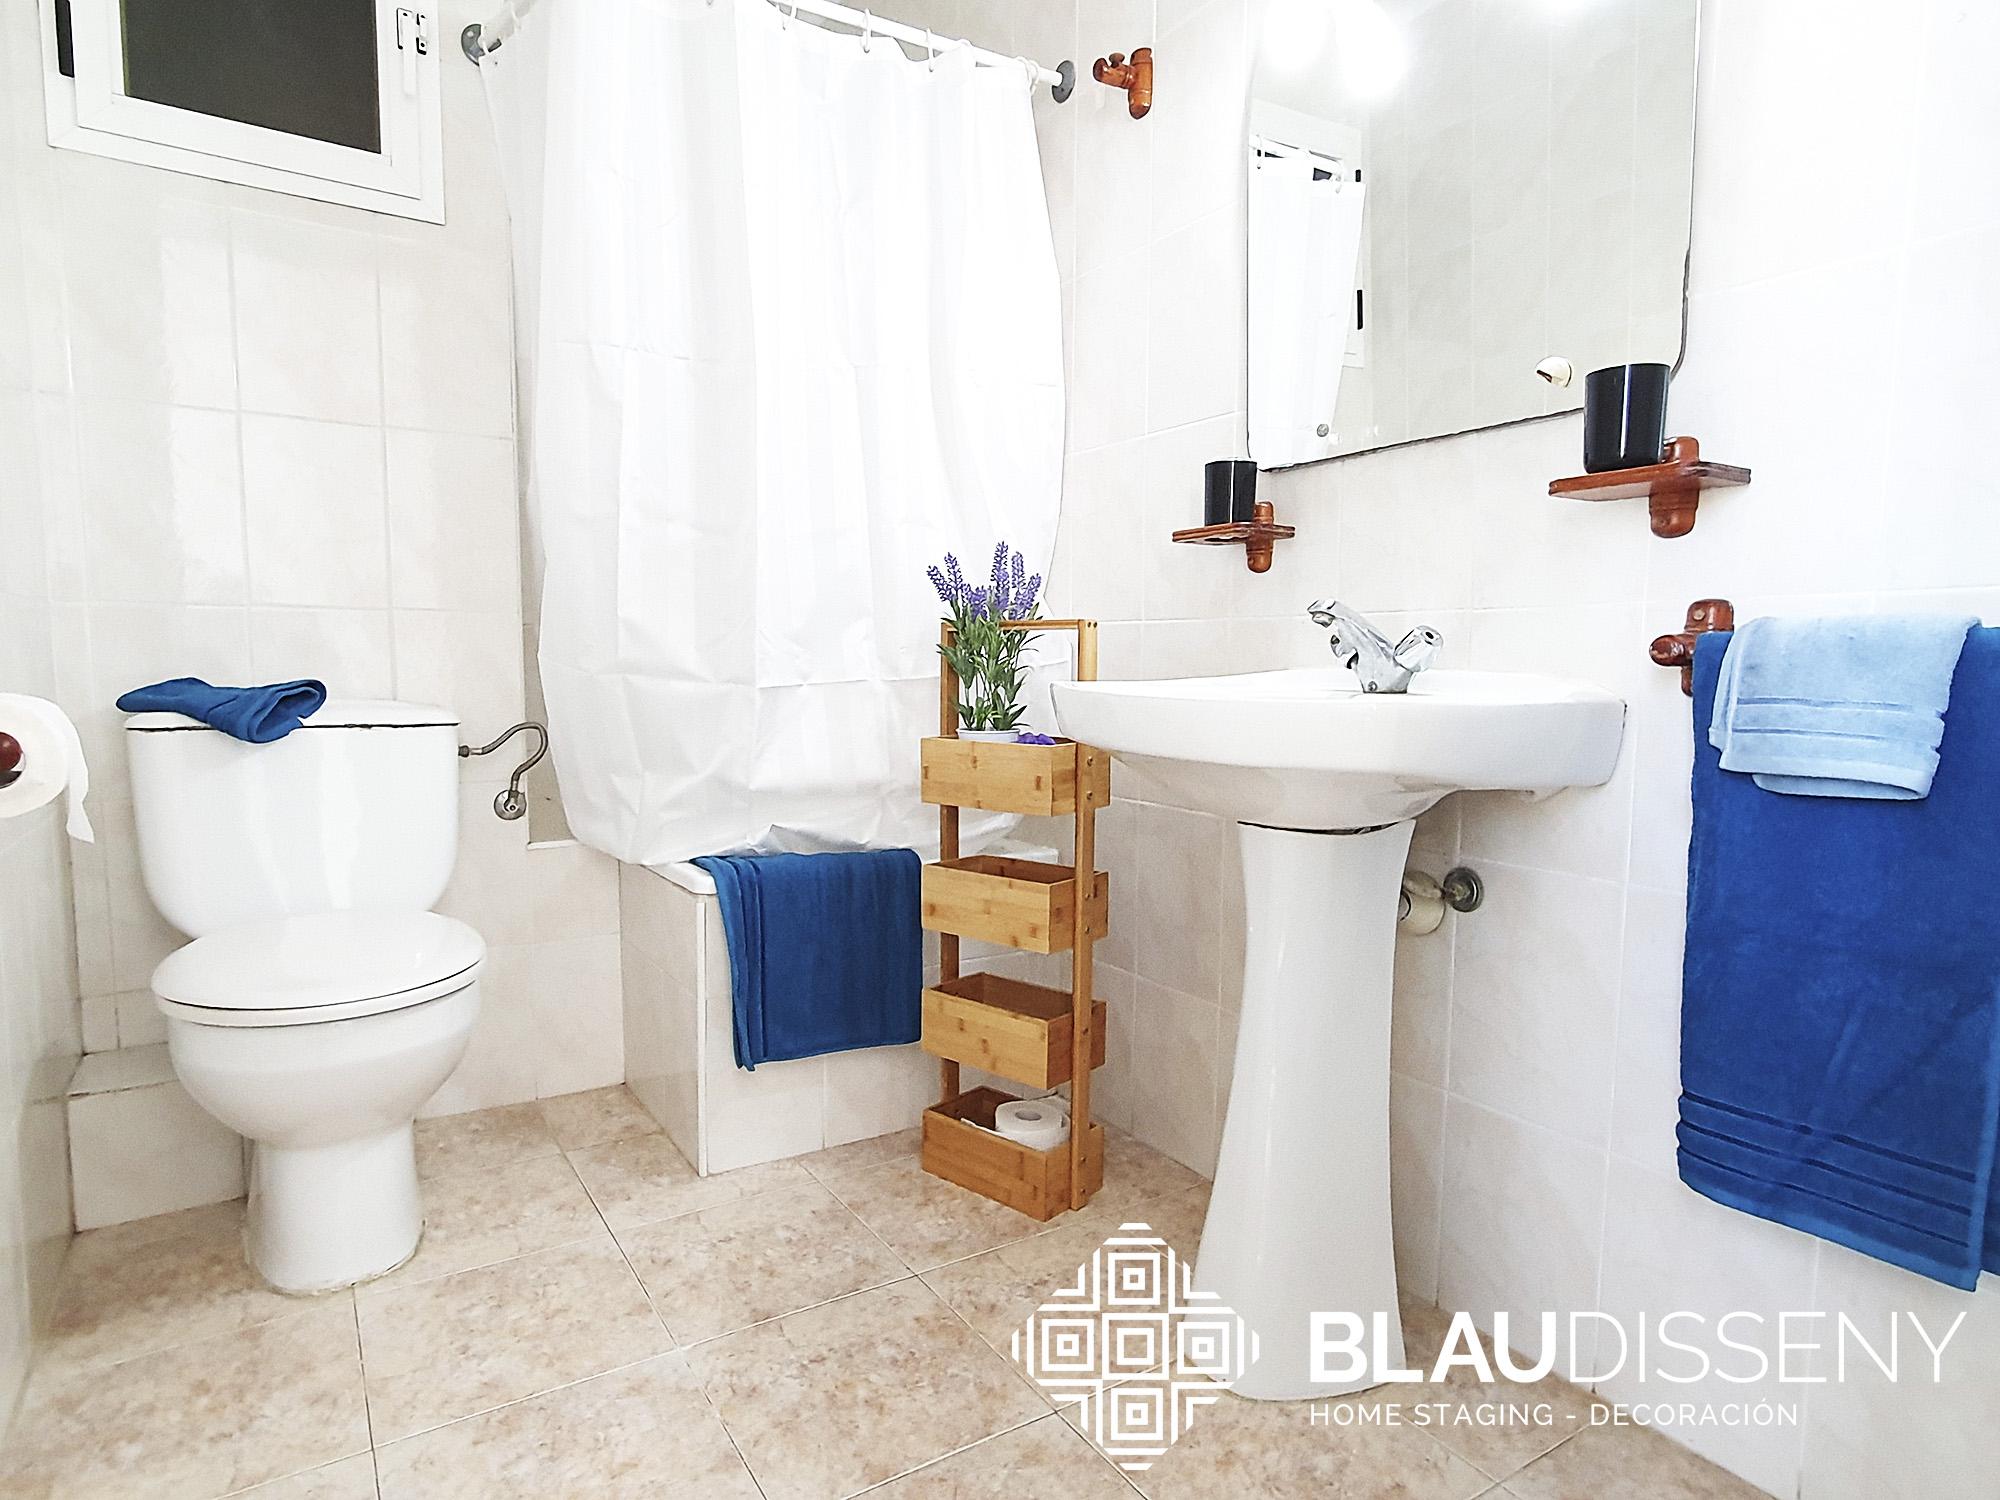 Blaudisseny-home-staging-Son-Cladera-baño-despues-logo